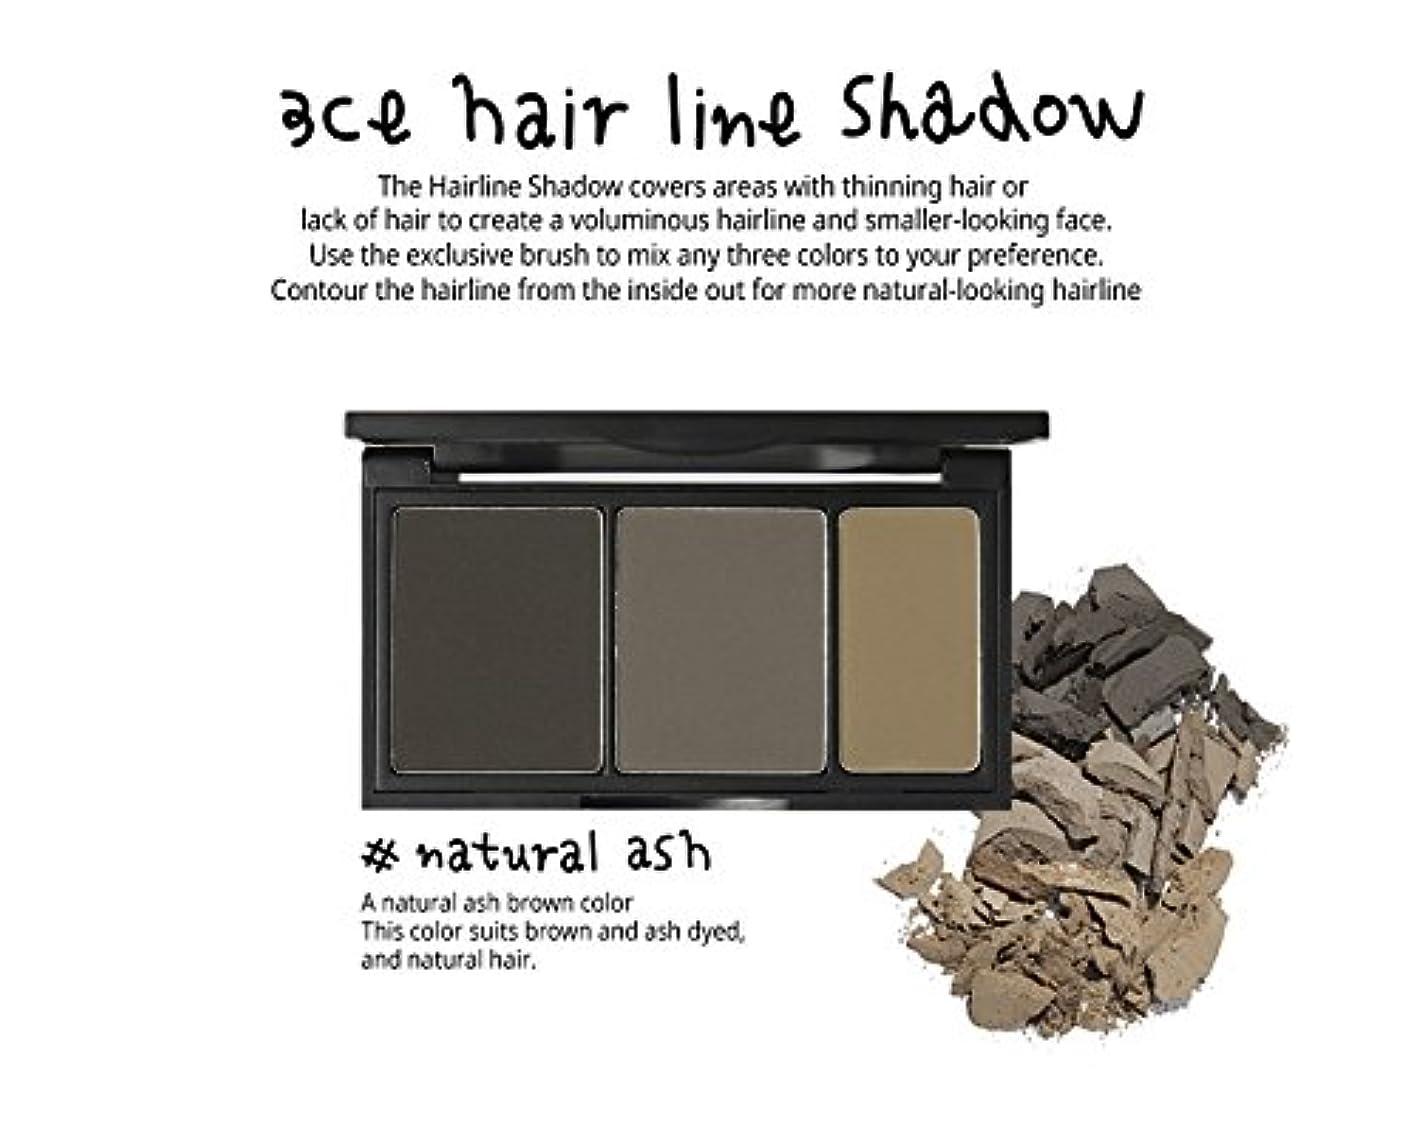 湿気の多いハンマーありがたい3 Concept Eyes 3CE Hair Line Shadow ヘアラインシャドー(Natural Ash)